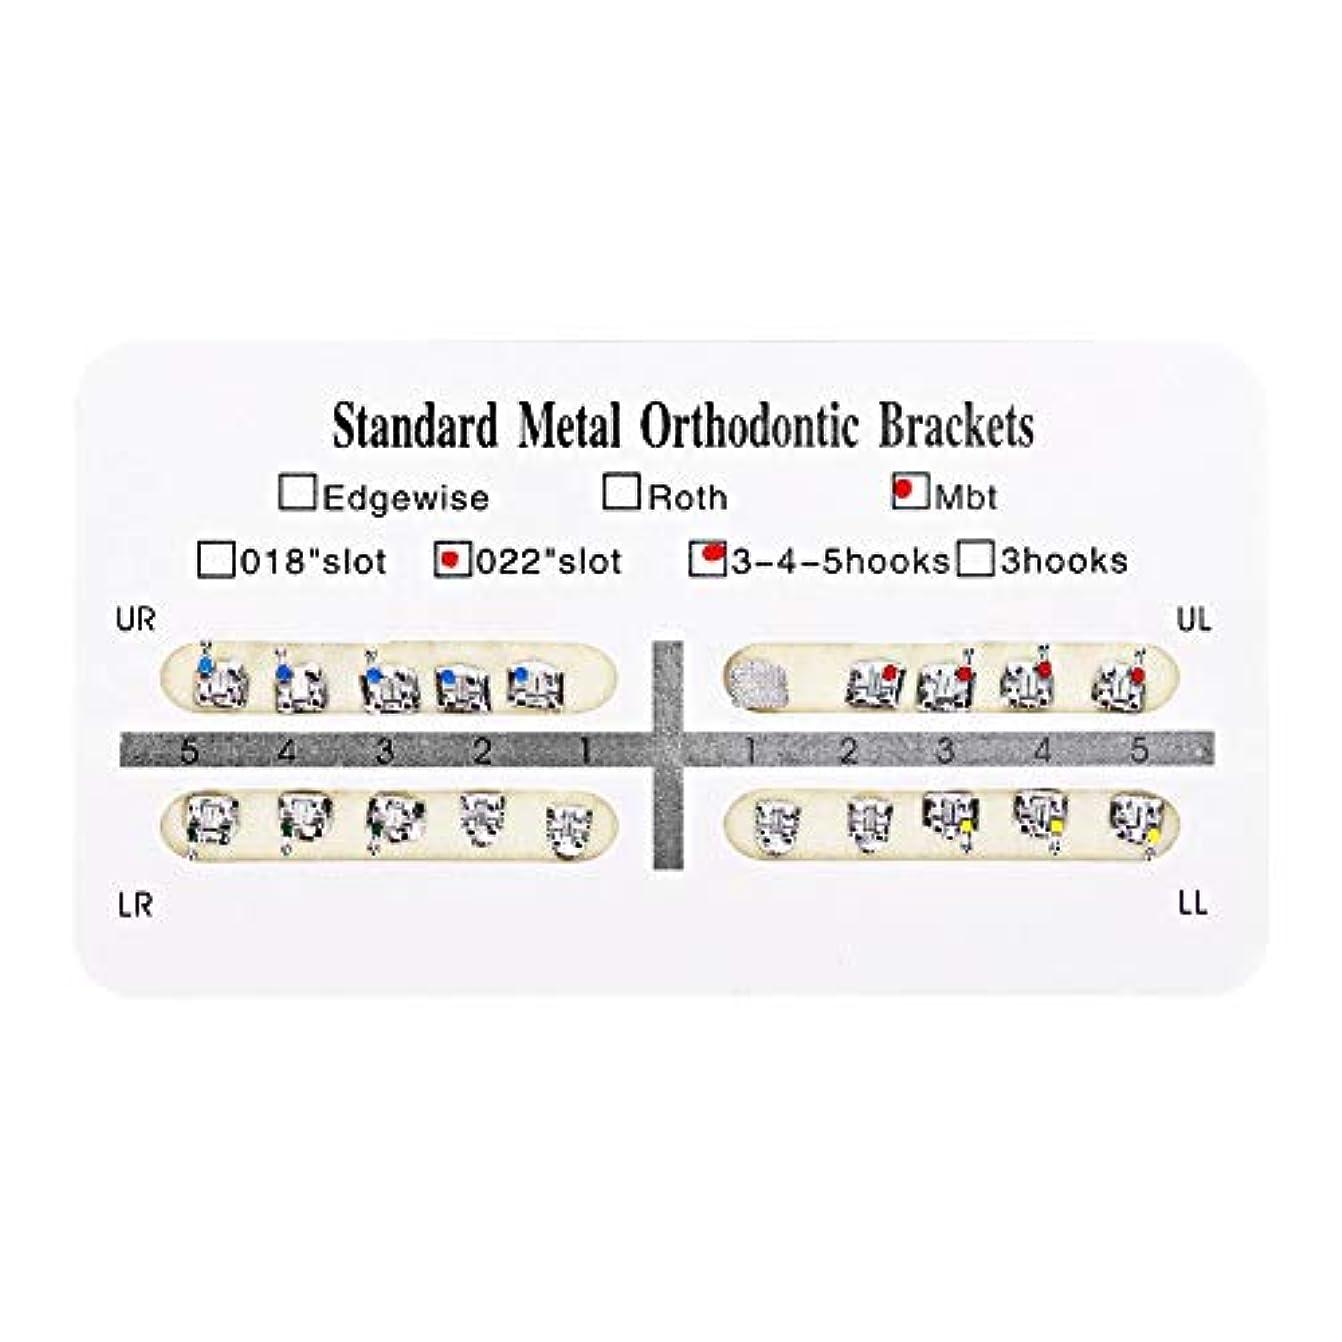 環境クレタファランクスNITRIP 10パック 歯科矯正ブラケット クリニーク歯科ツール (Mbt)